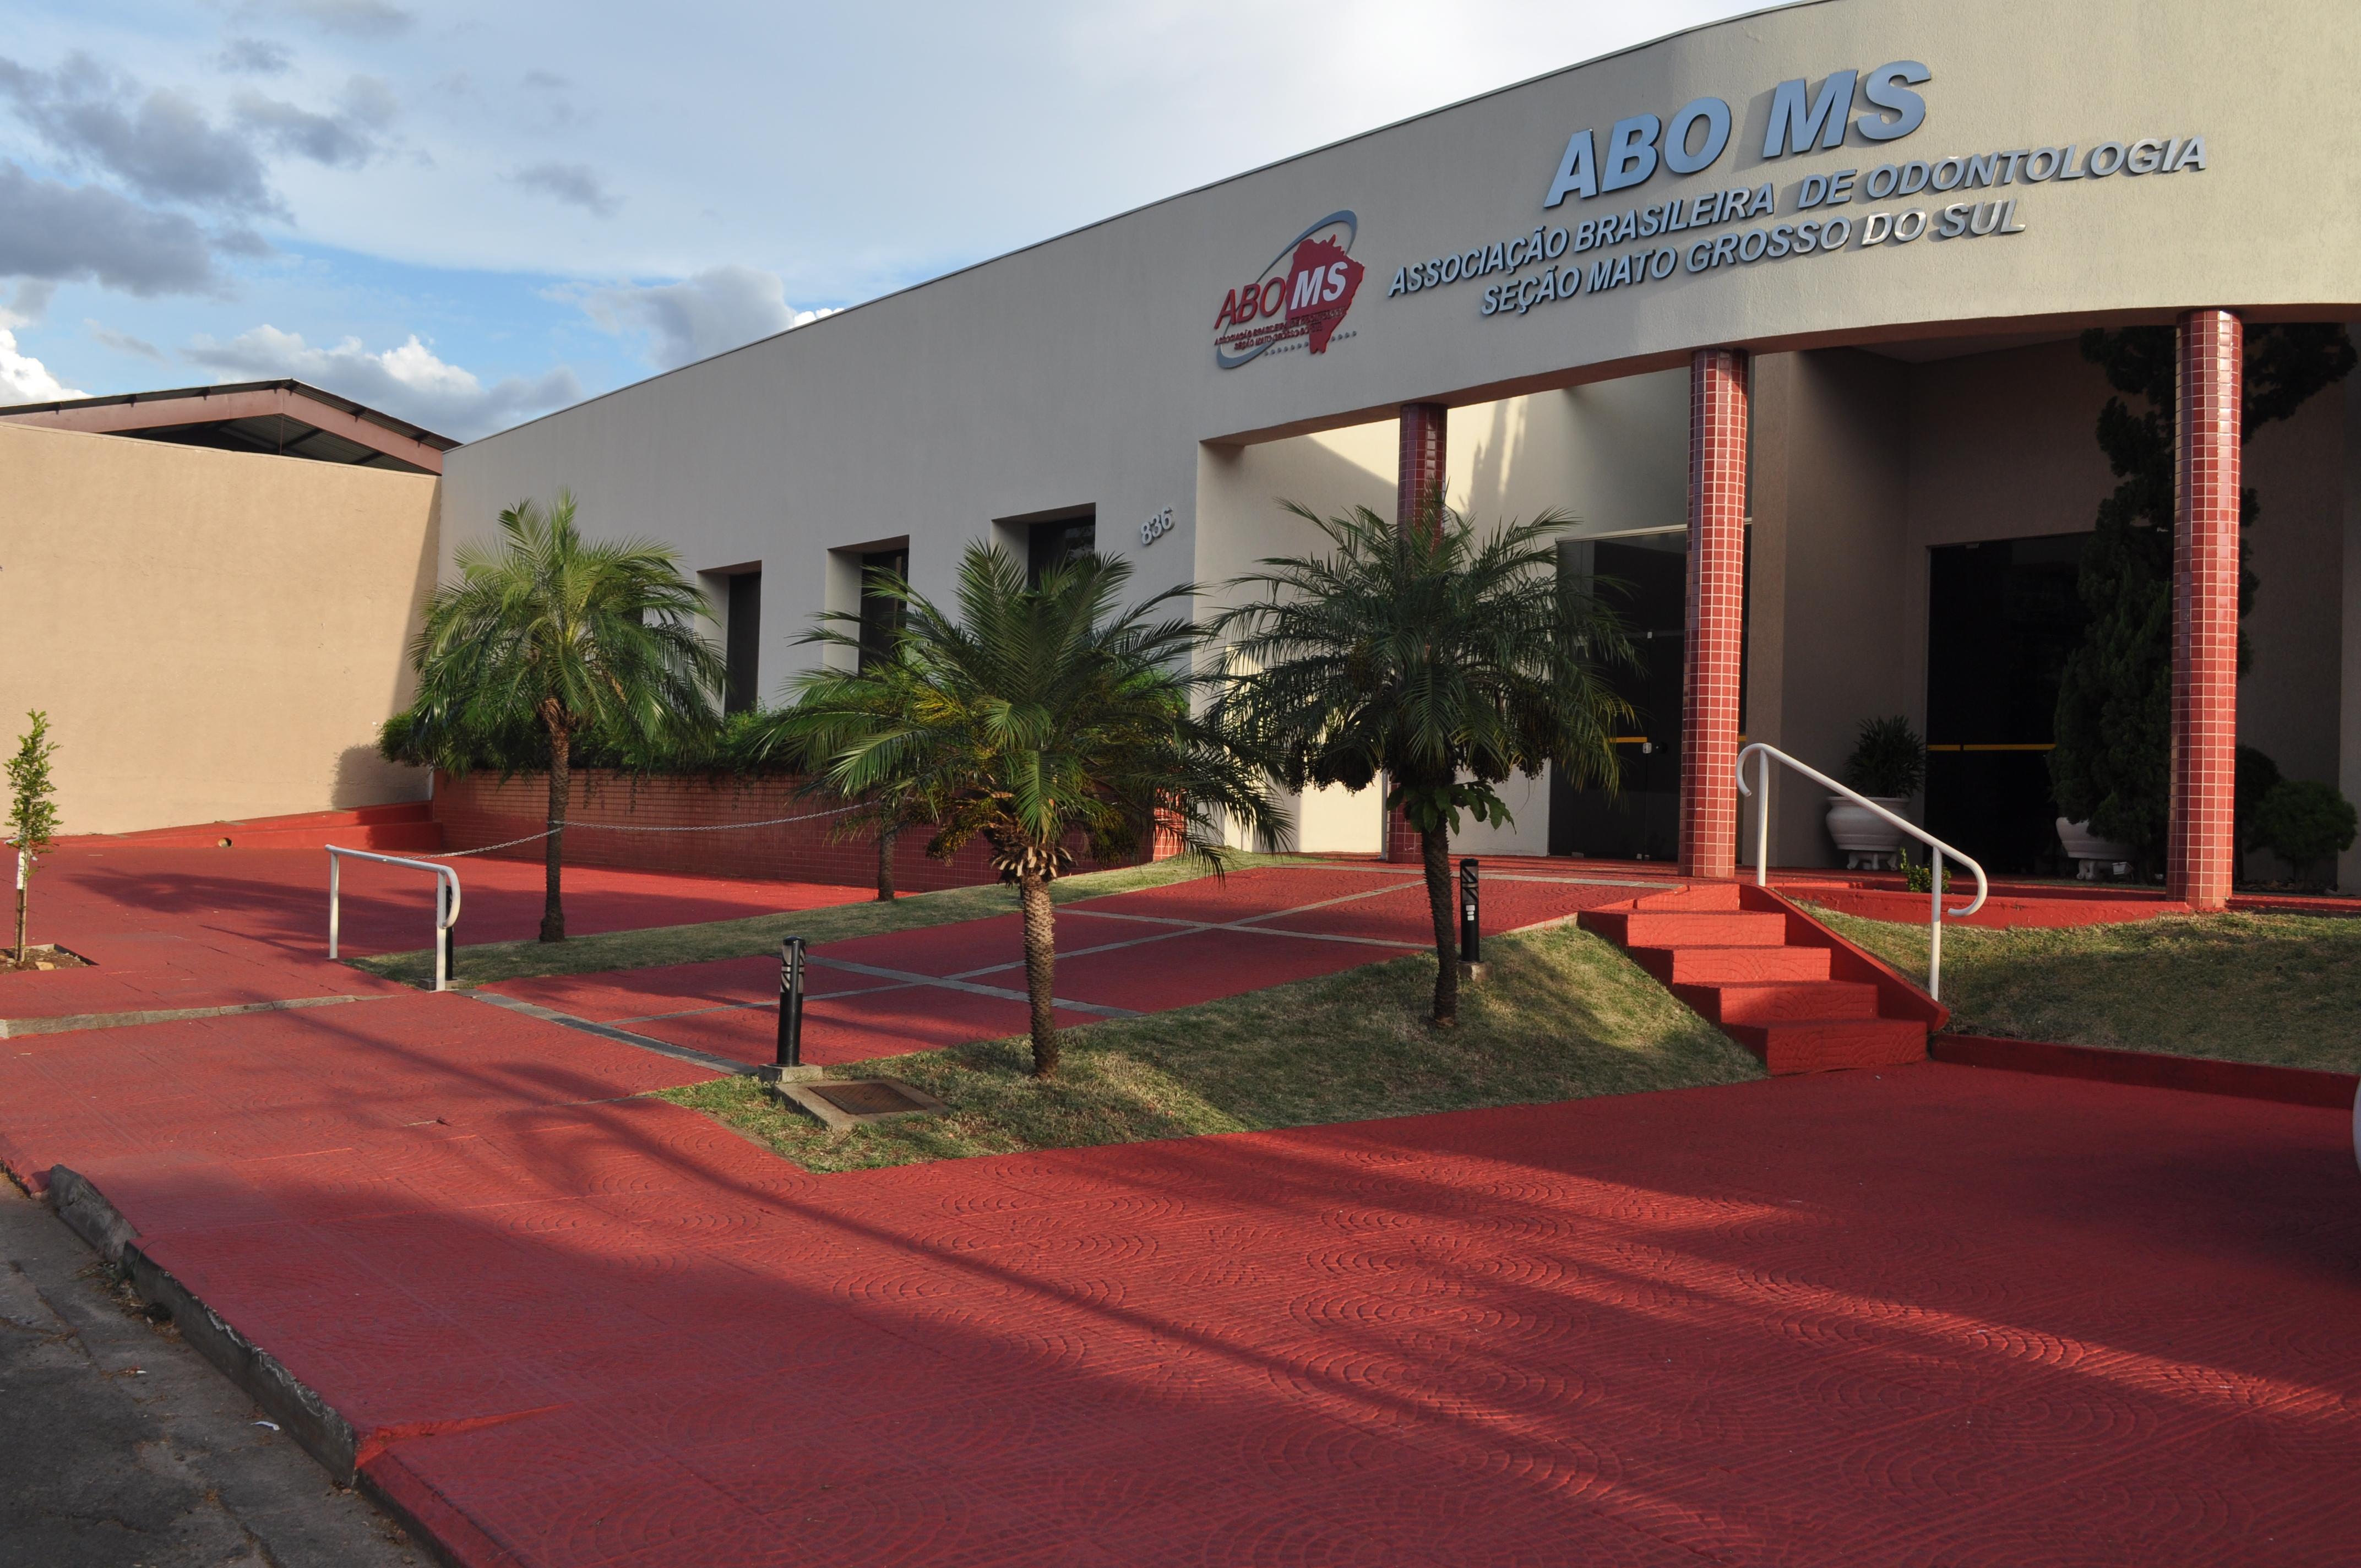 Prédio da ABO-MS é reformado